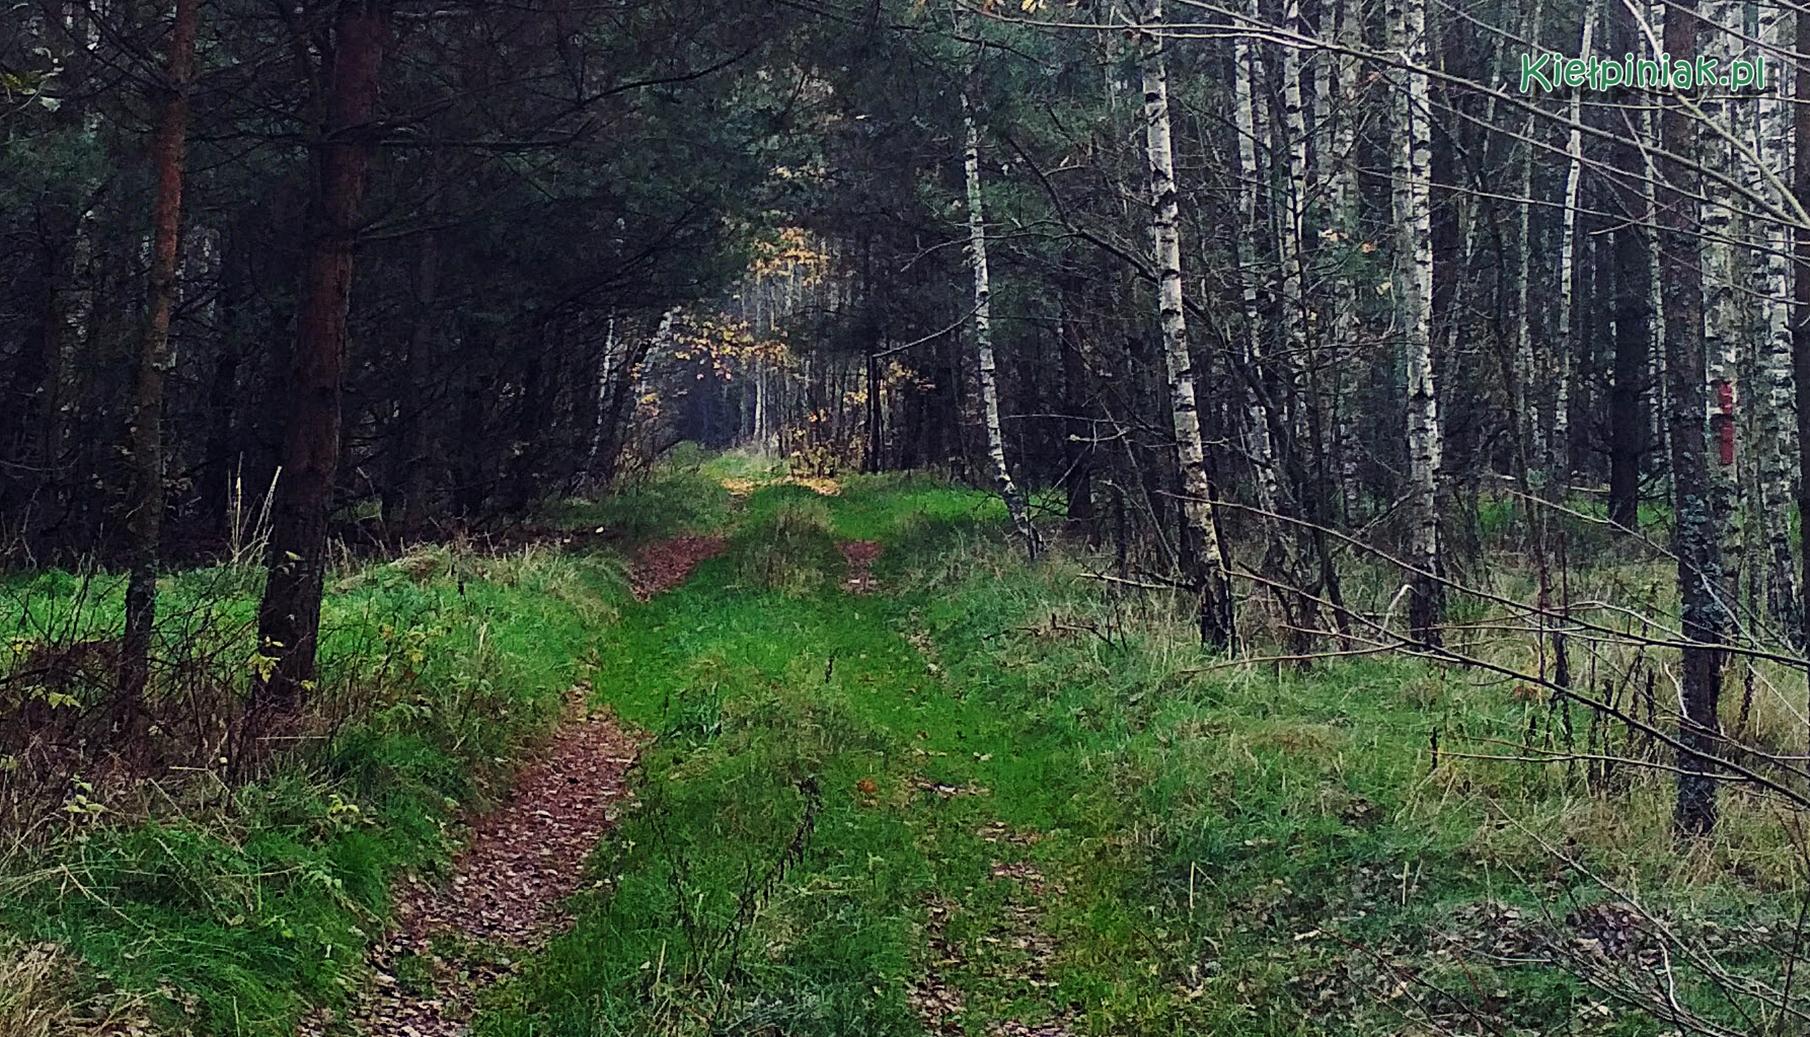 nadbuzanski park krajobrazowy w okolicy kielpinca